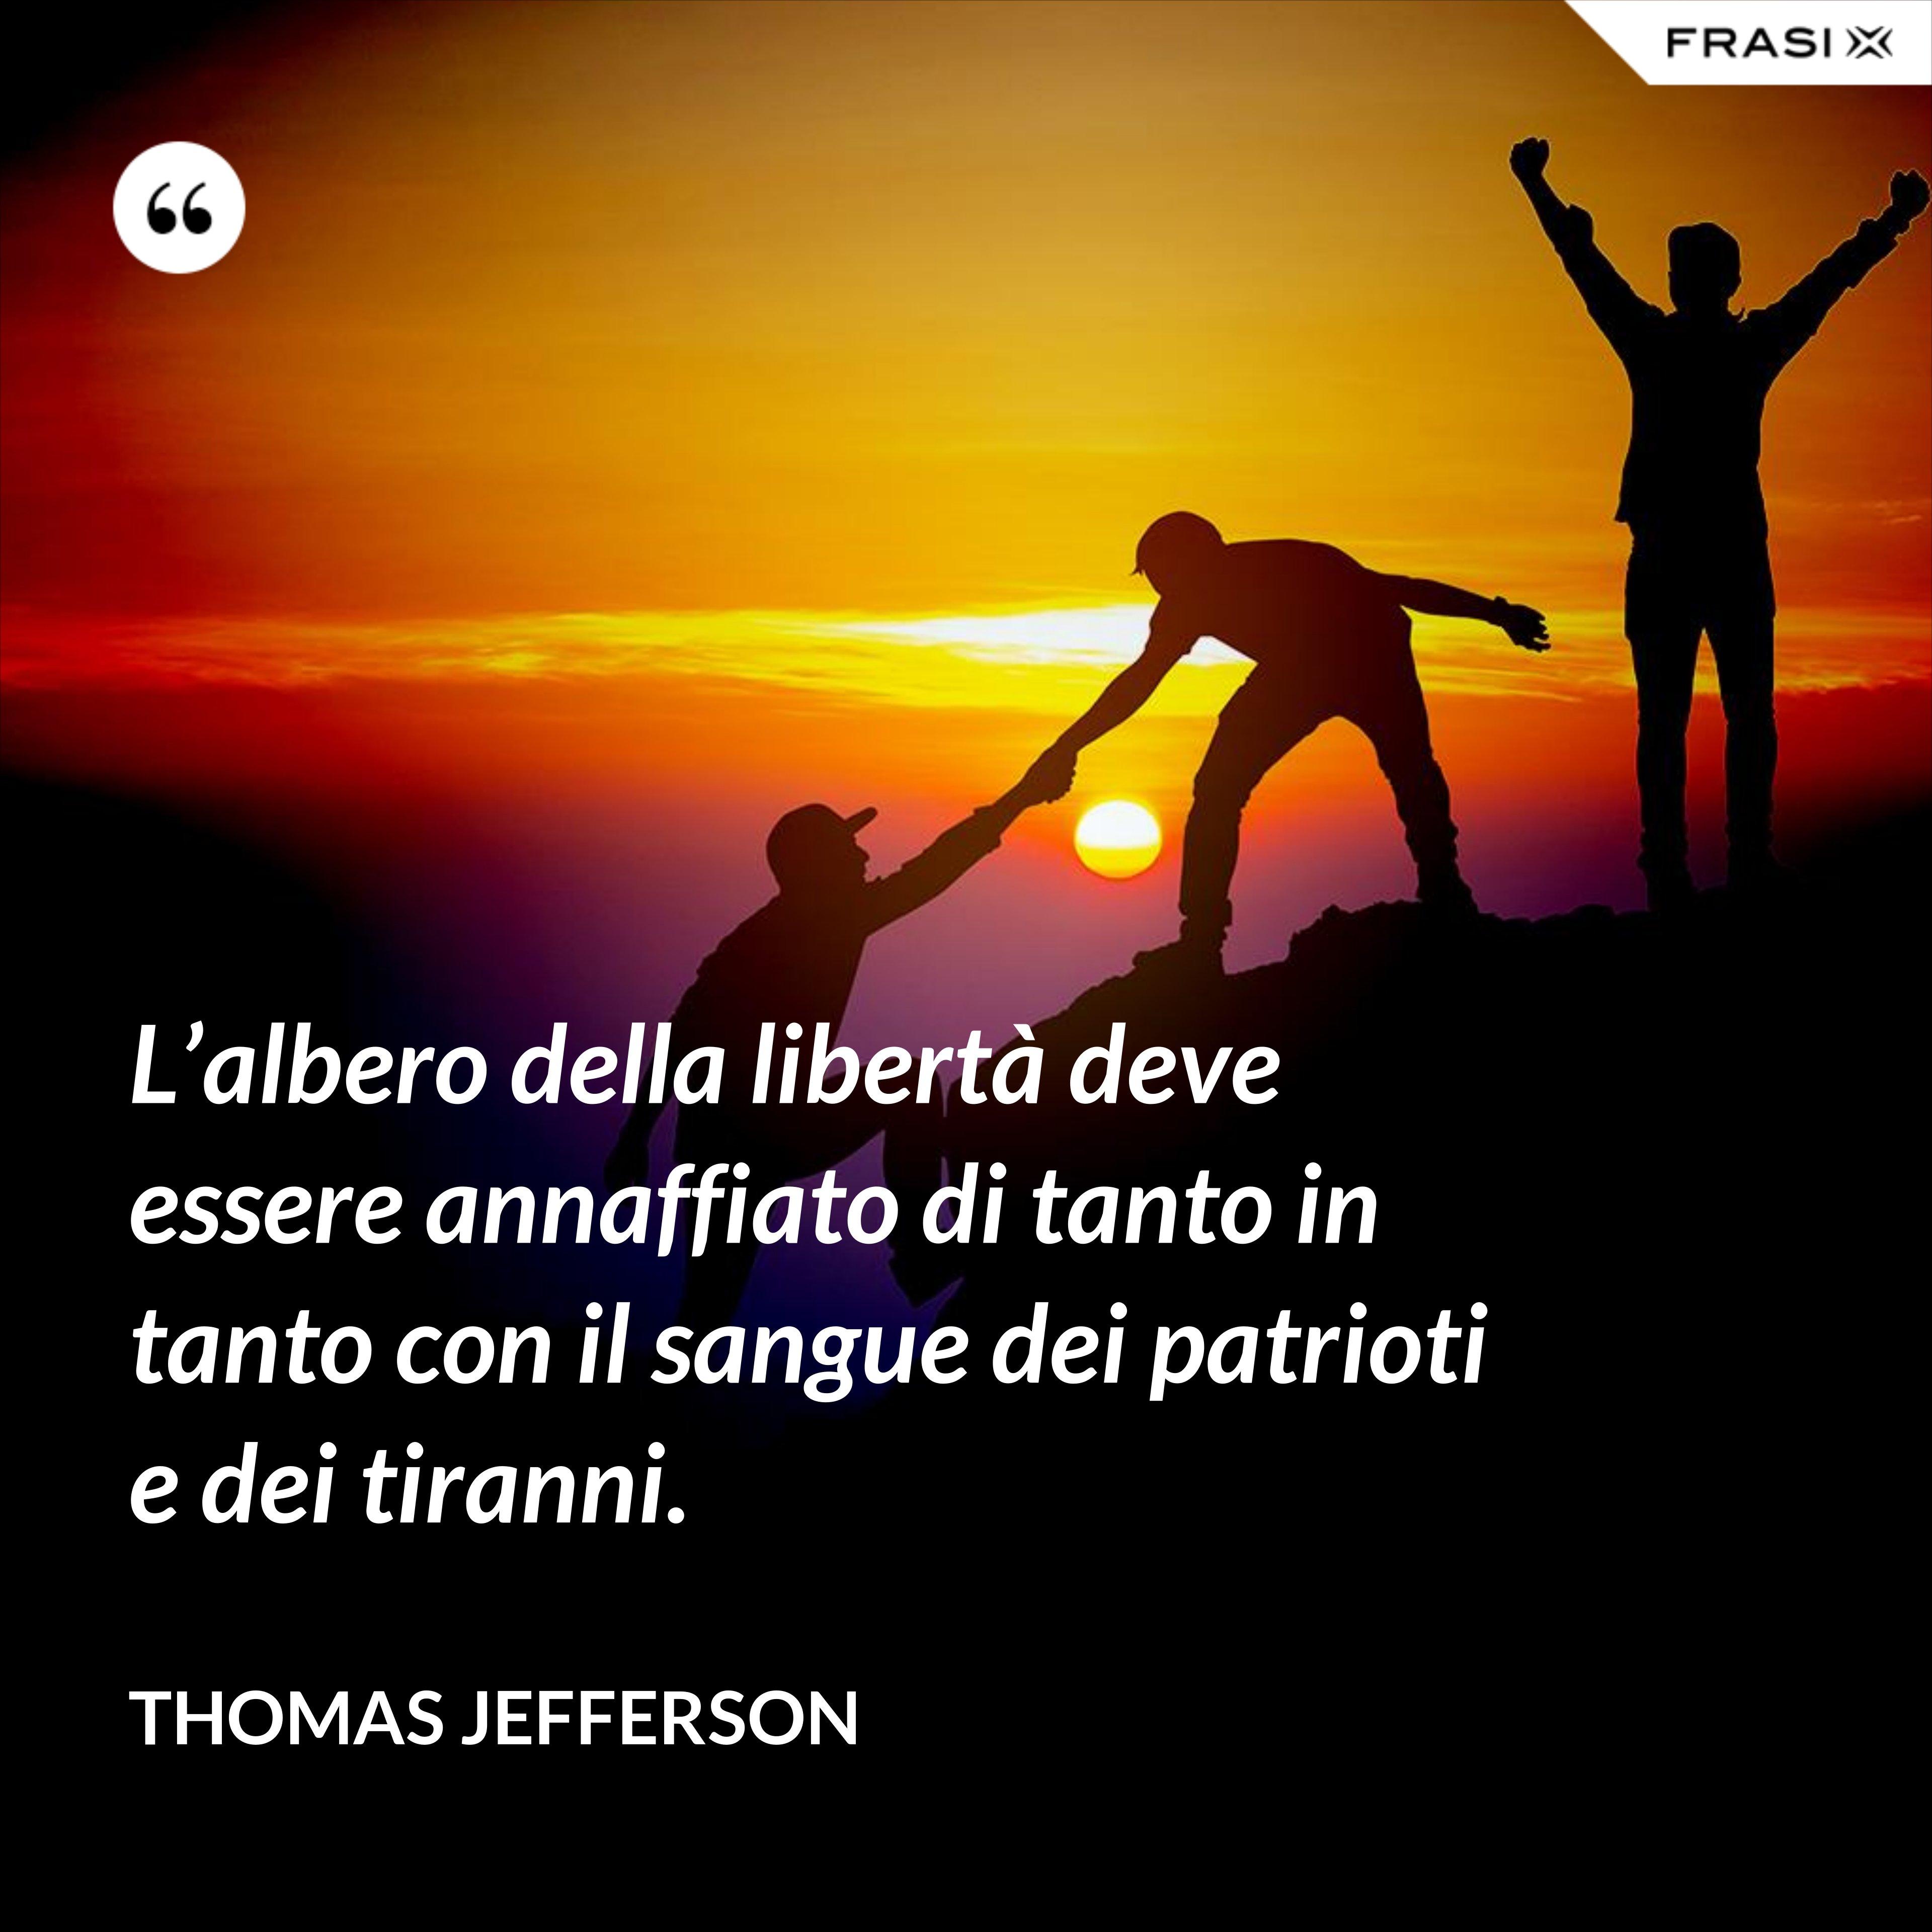 L'albero della libertà deve essere annaffiato di tanto in tanto con il sangue dei patrioti e dei tiranni. - Thomas Jefferson